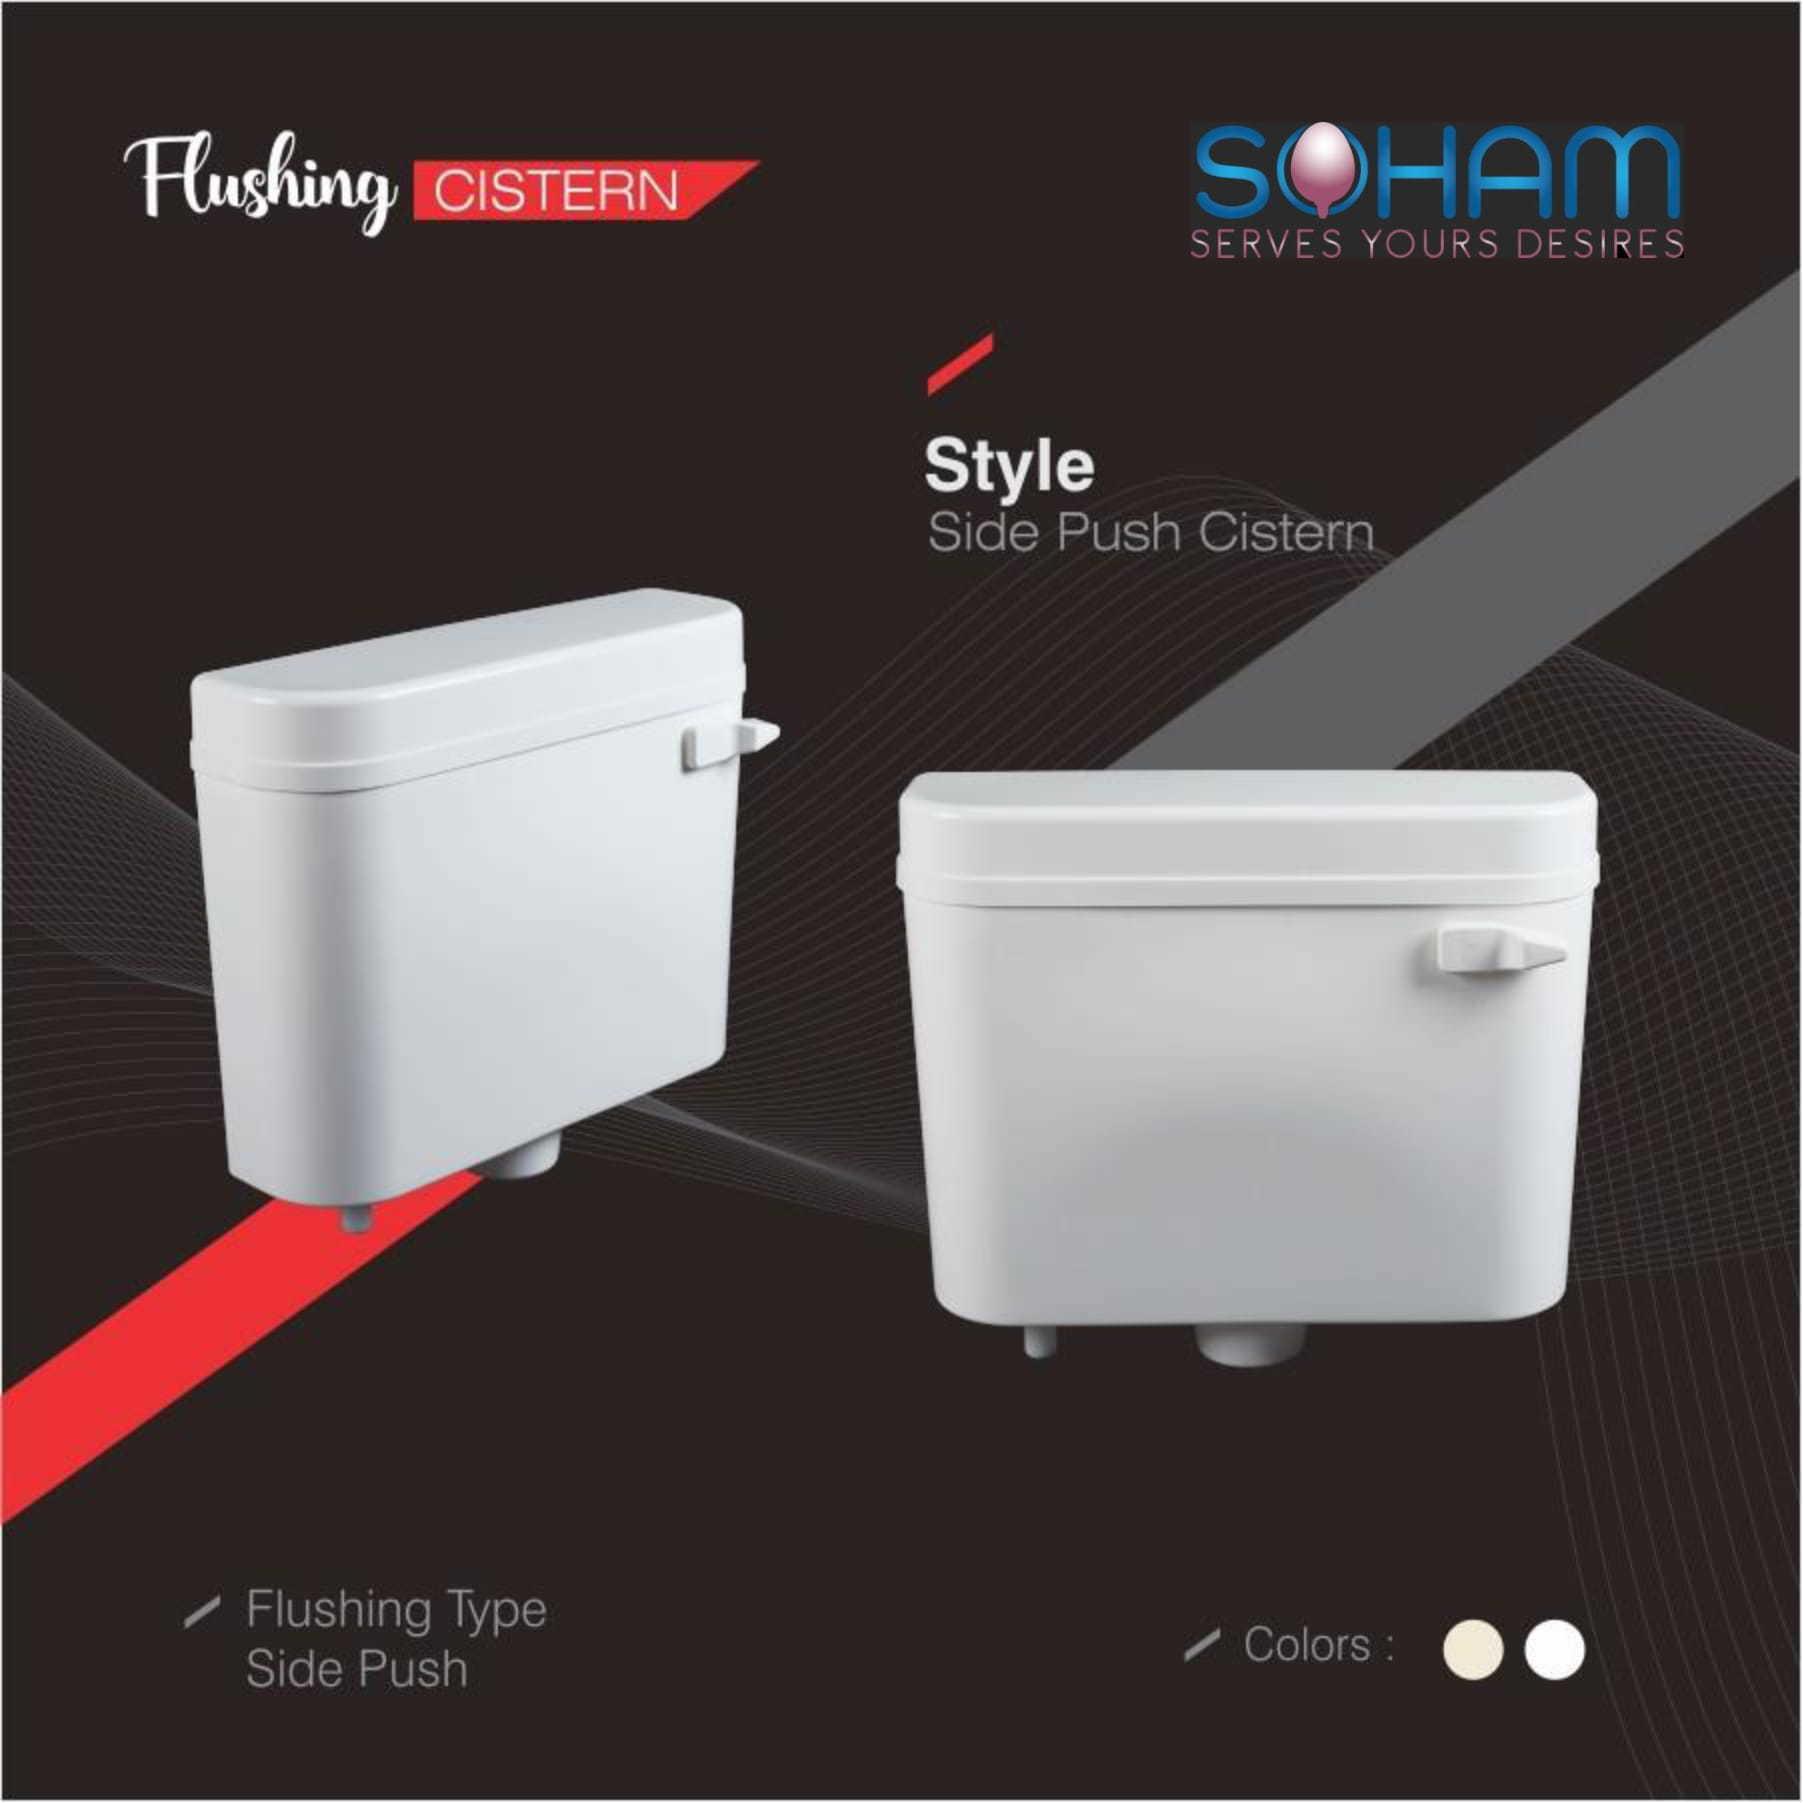 Style Side Push Flushing Cistern